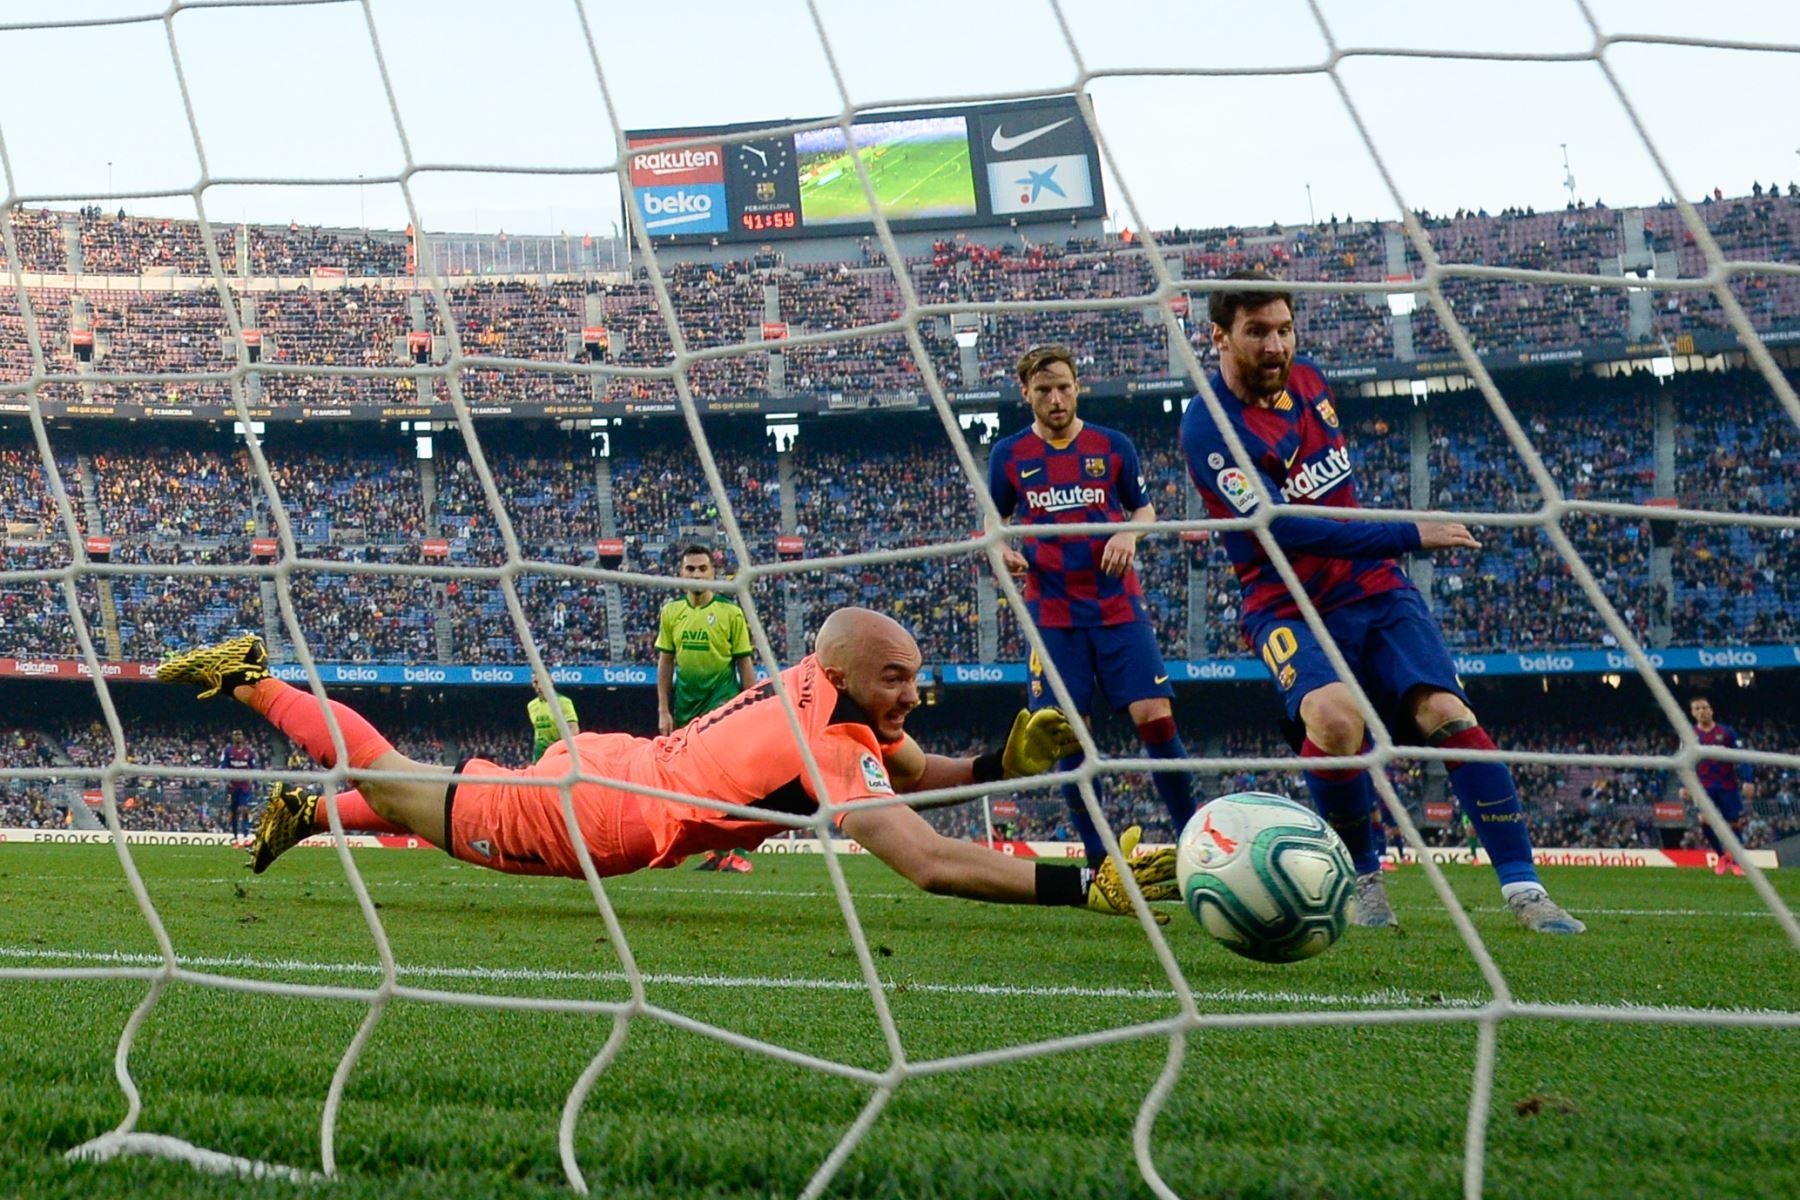 El delantero argentino de Barcelona Lionel Messi anota contra el portero serbio de Eibar Marko Dmitrovic durante el partido de fútbol de la liga española FC Barcelona contra SD Eibar. Foto: AFP